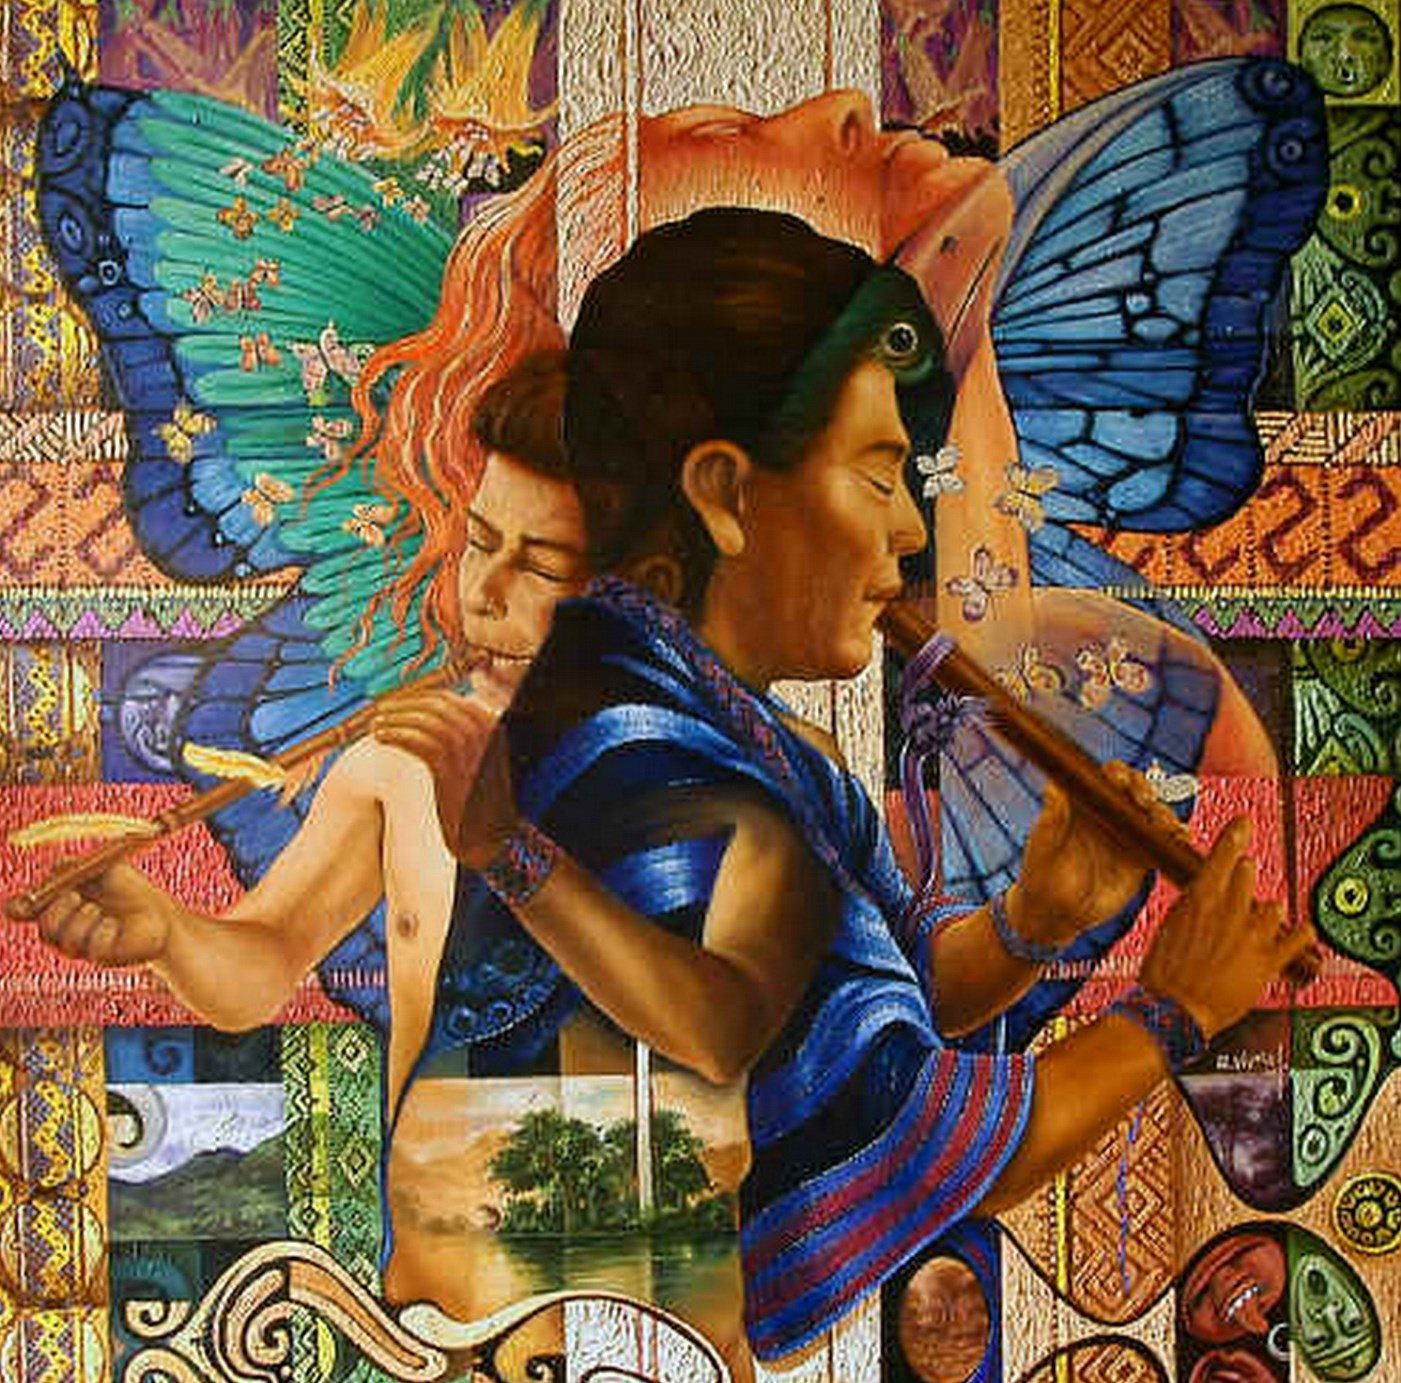 Pintura moderna y fotograf a art stica alfredo vivero for Pintor y muralista colombiano